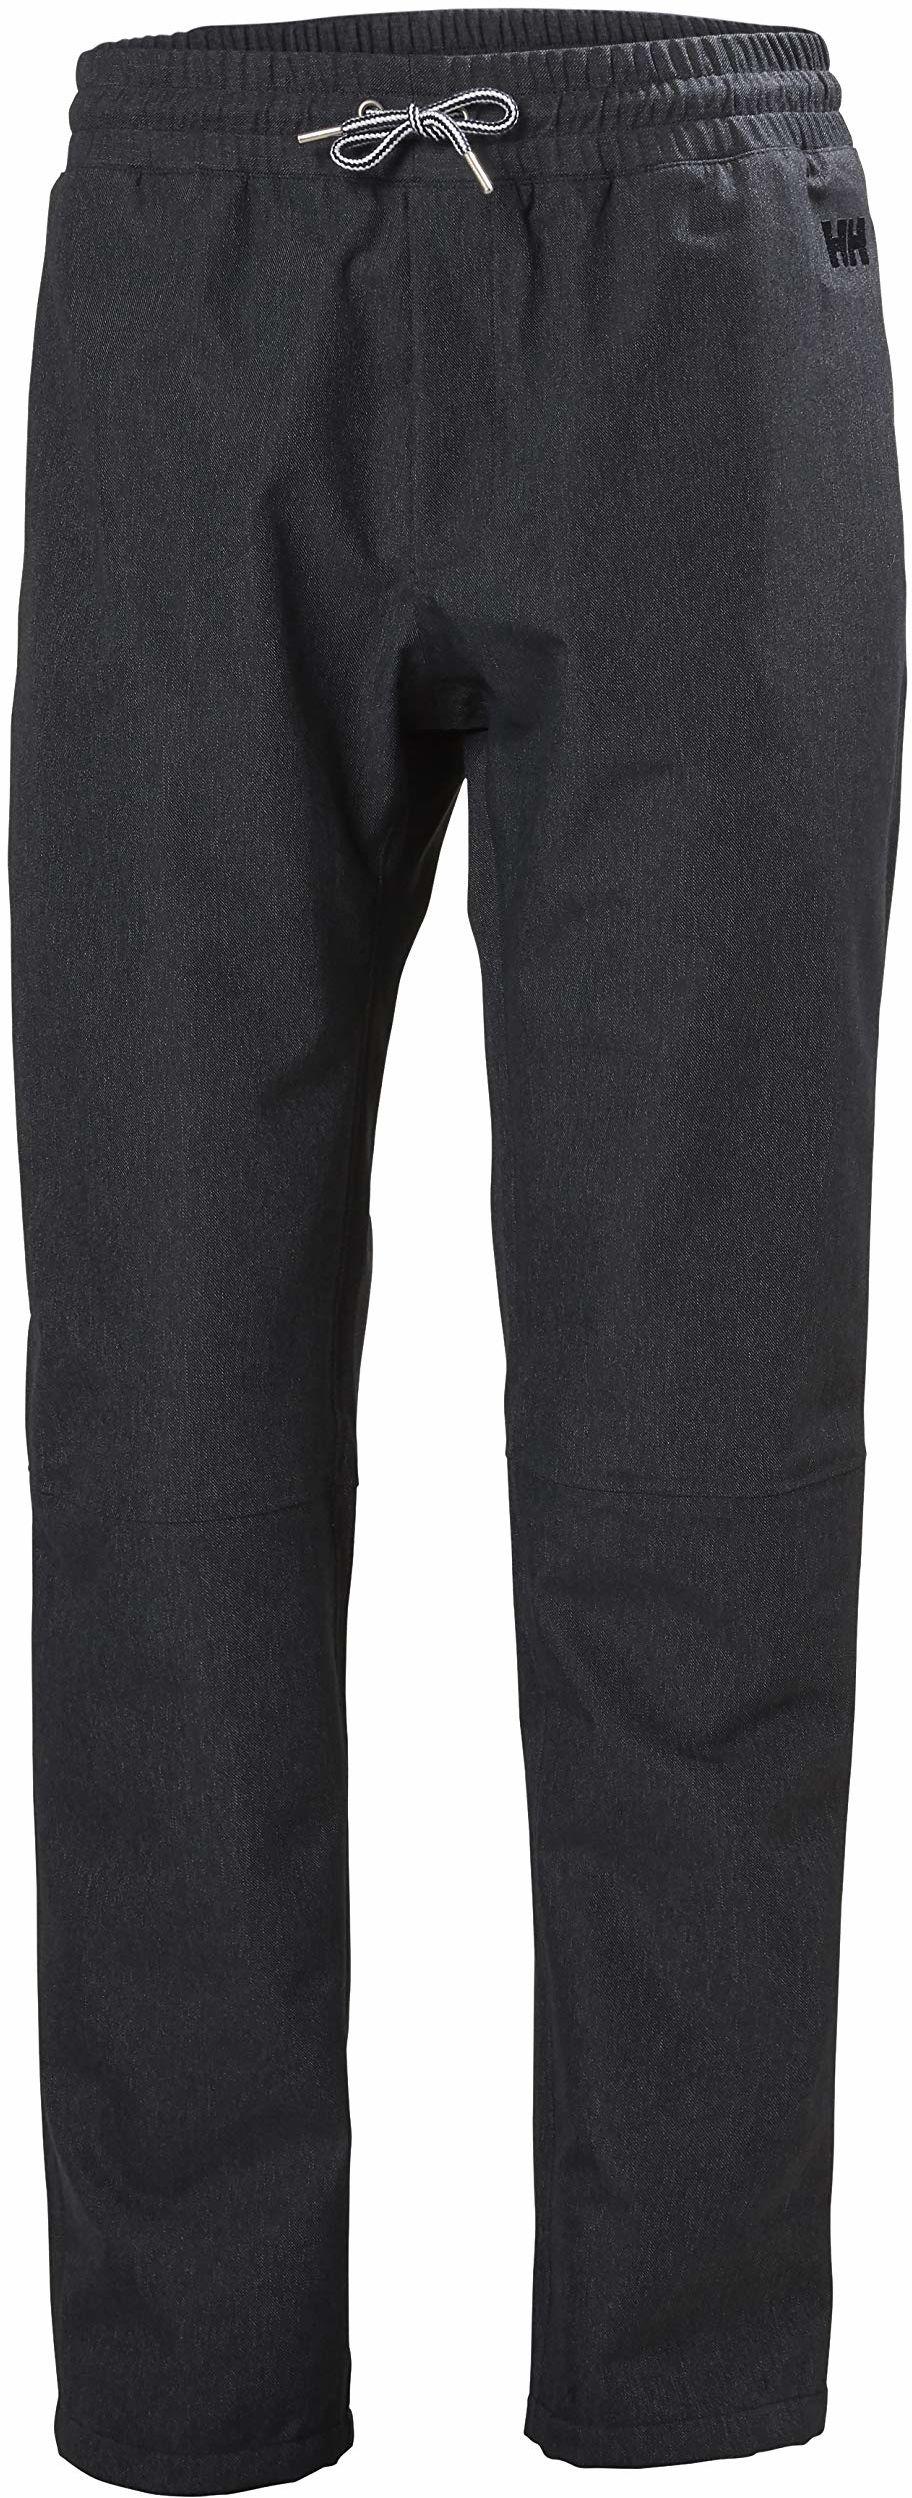 Helly Hansen Jpn Coach 3L męskie spodnie przeciwdeszczowe, granatowe Denim, XL